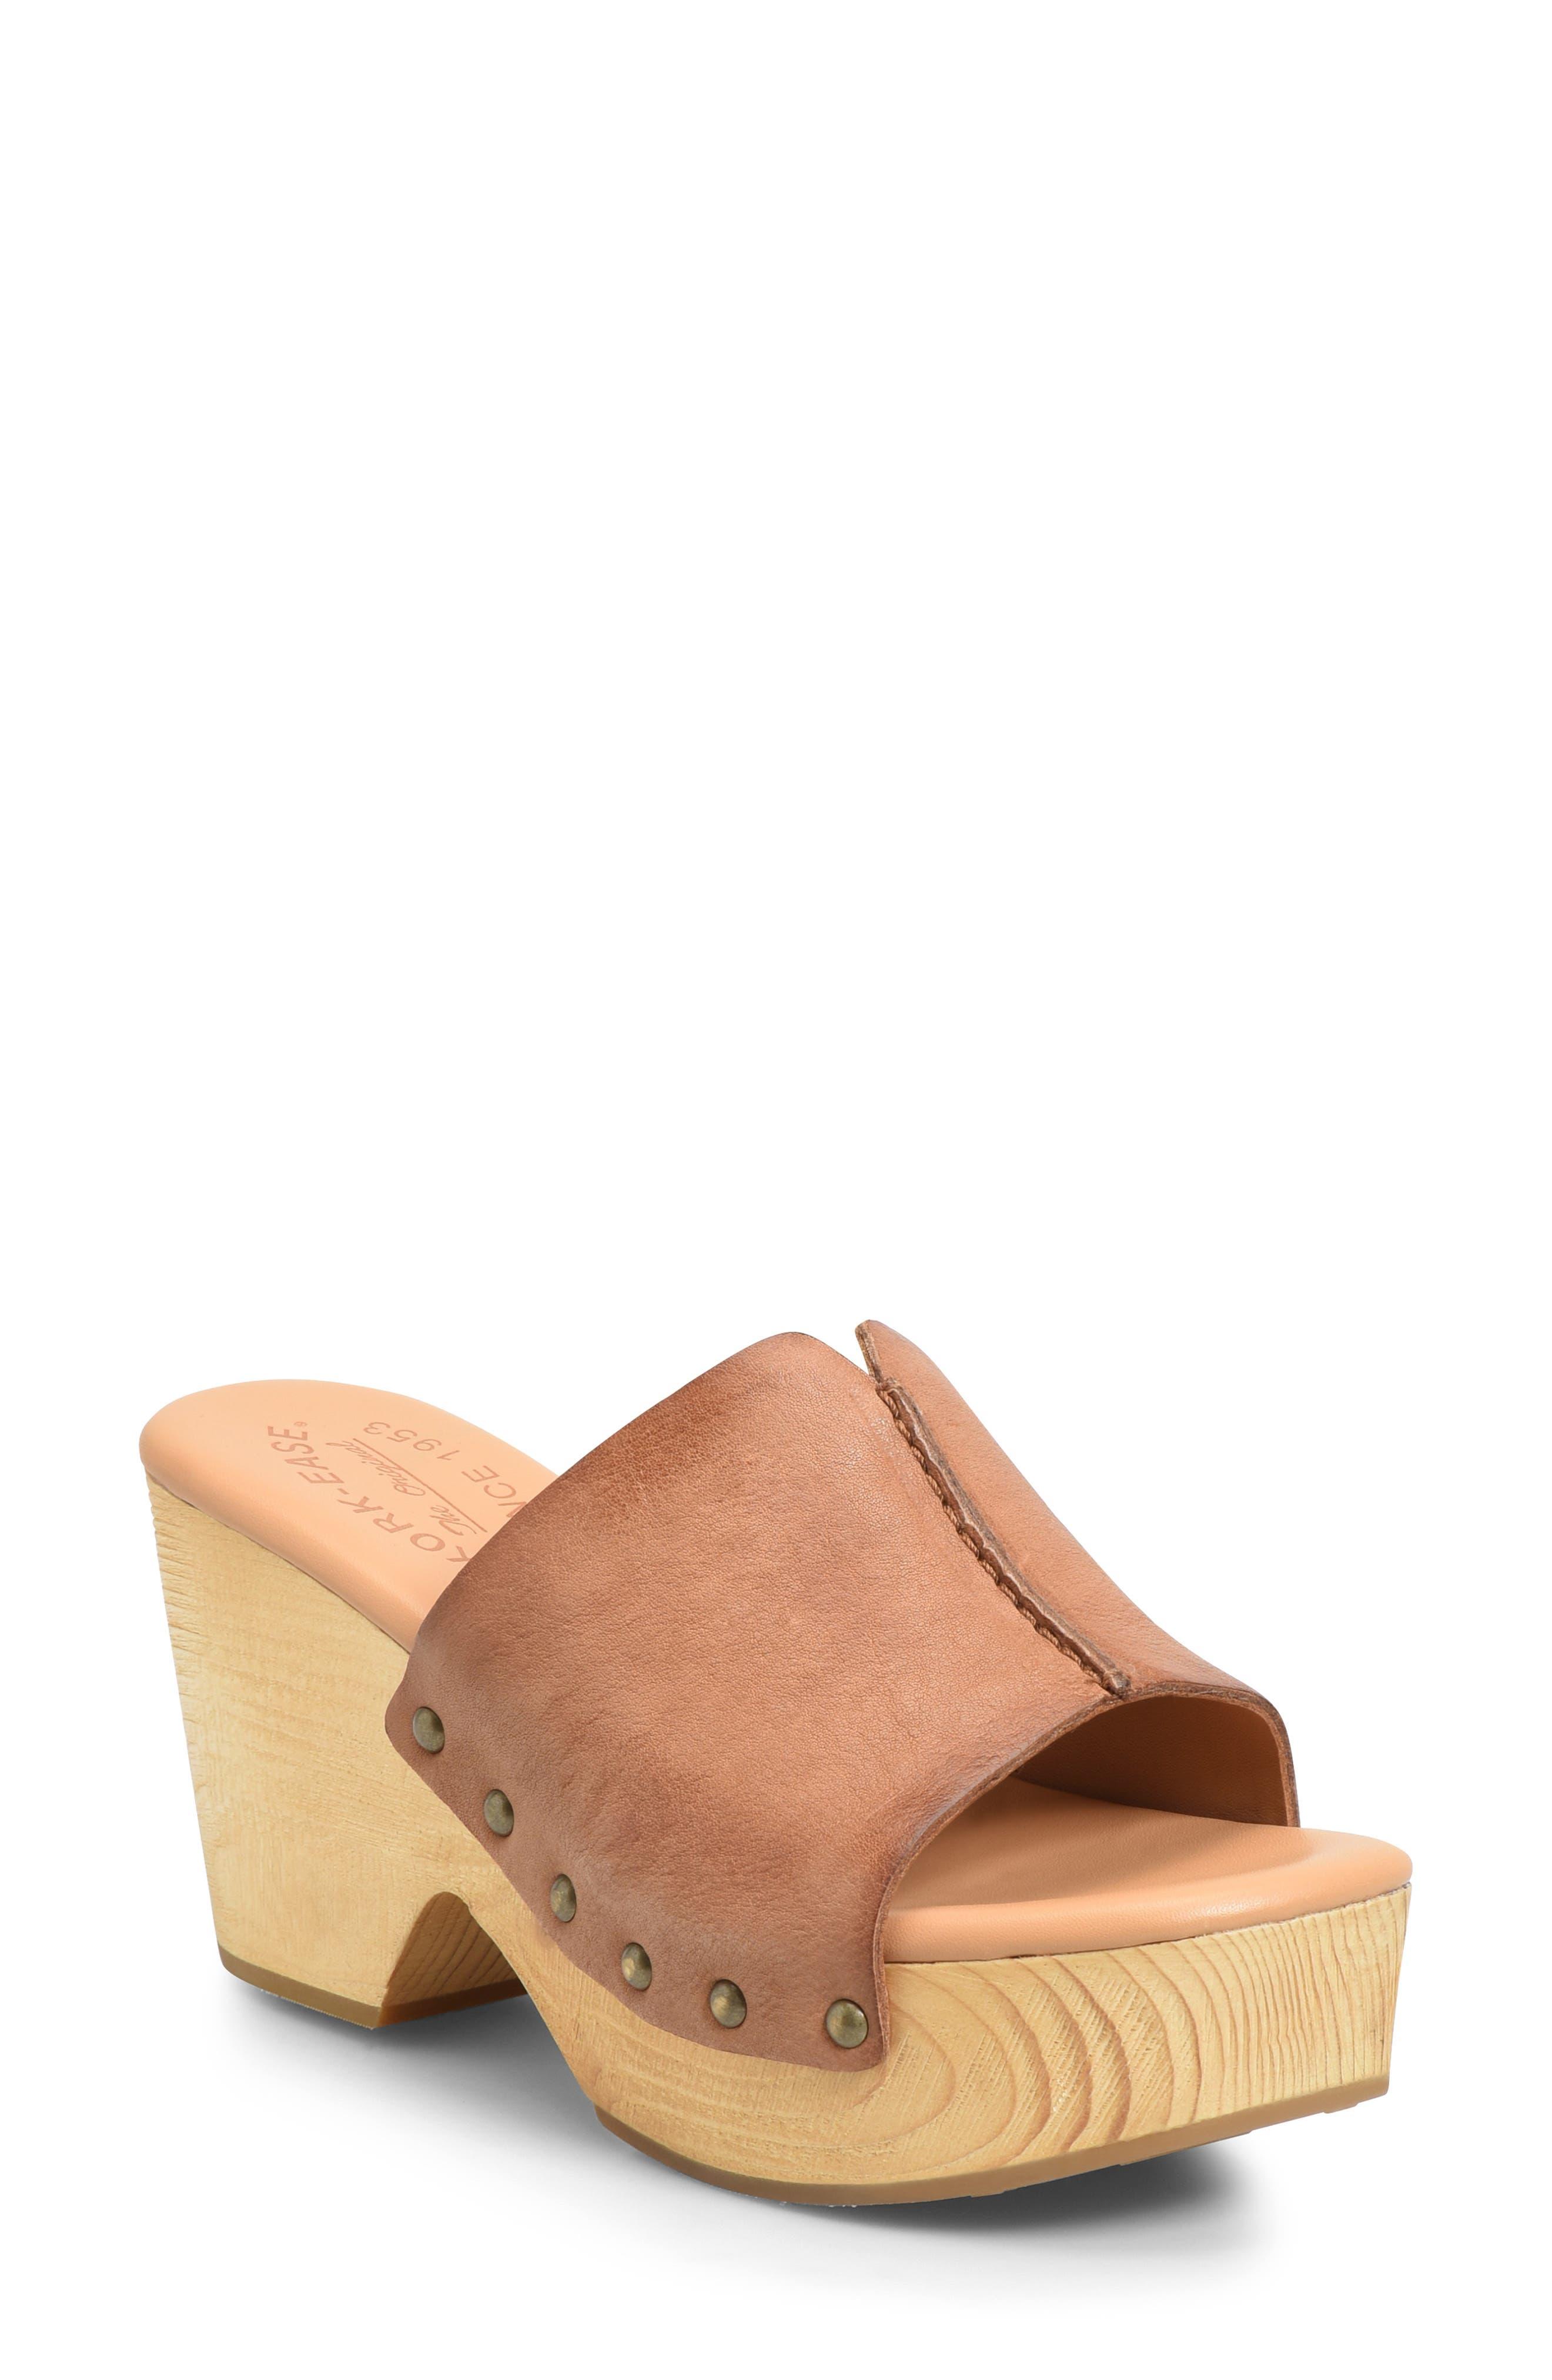 d578f465c32 60s Shoes